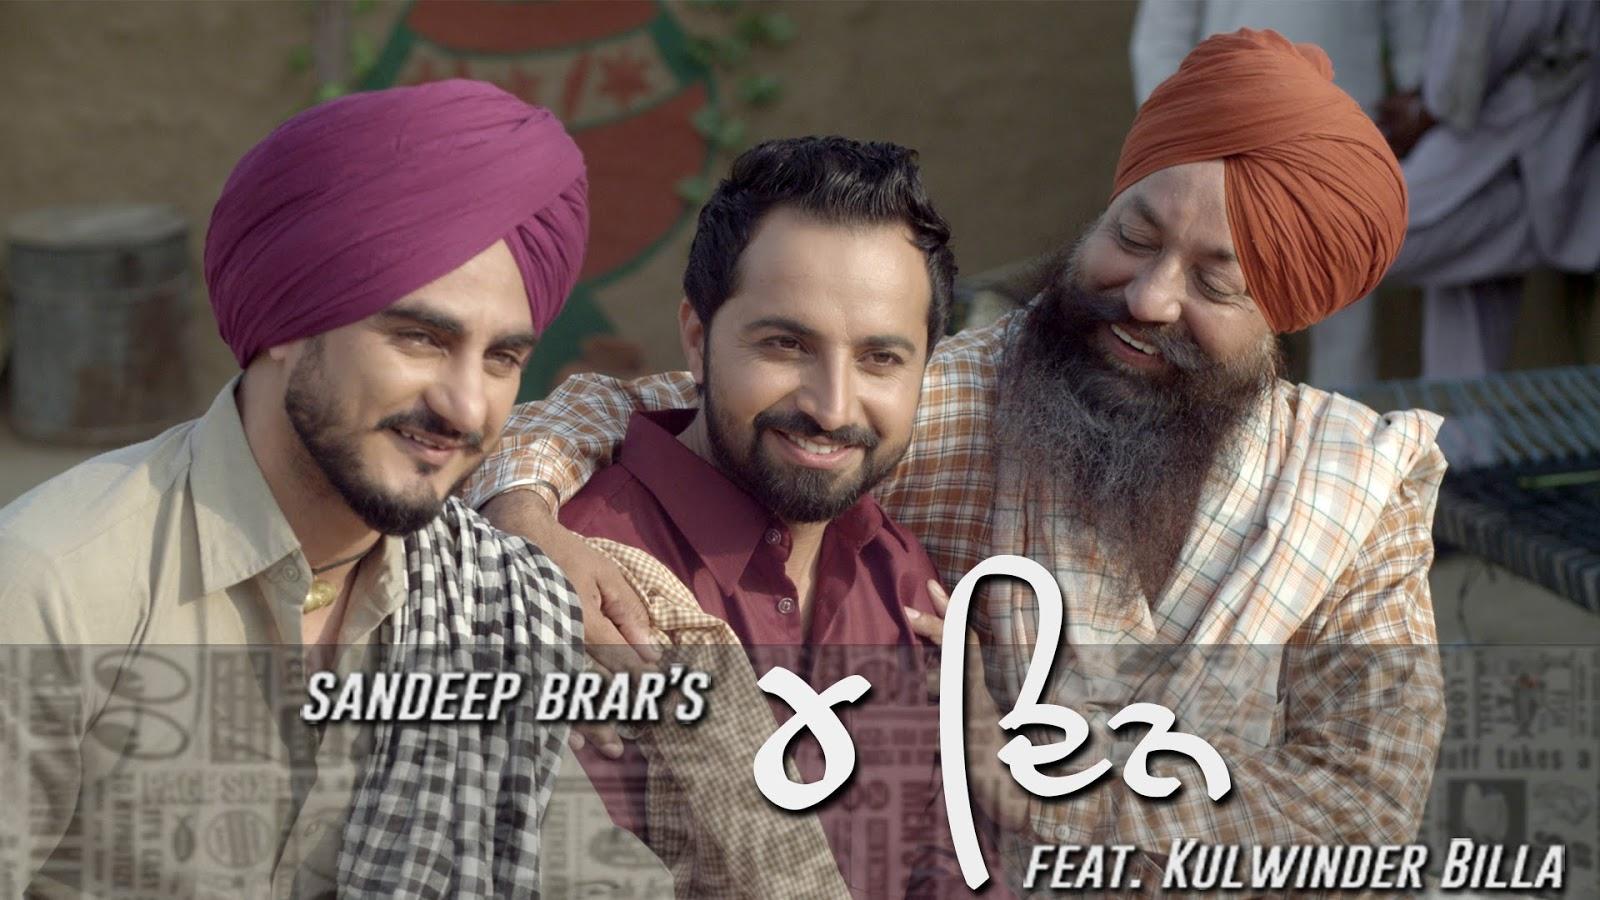 Same time same jagah punjabi song mp3 download.